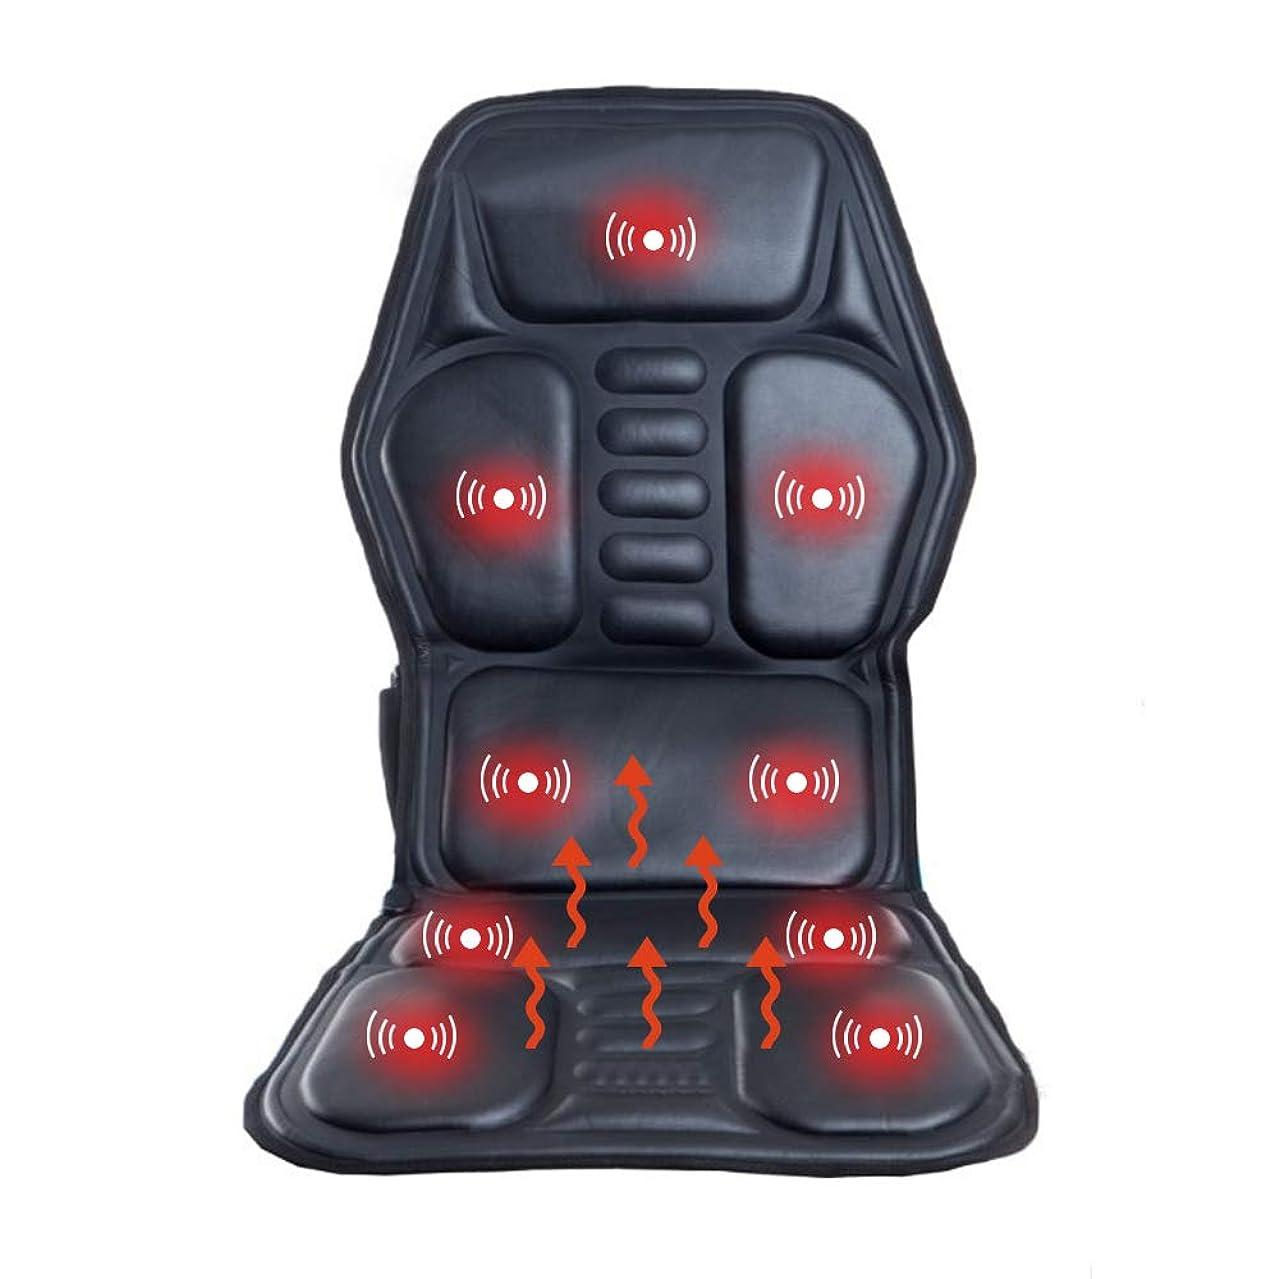 ヒープ大気すべきカーシートバックマッサージャー 9モーター振動 ヒートチェアパッド 8つのモード 車のホームオフィスチェアのための